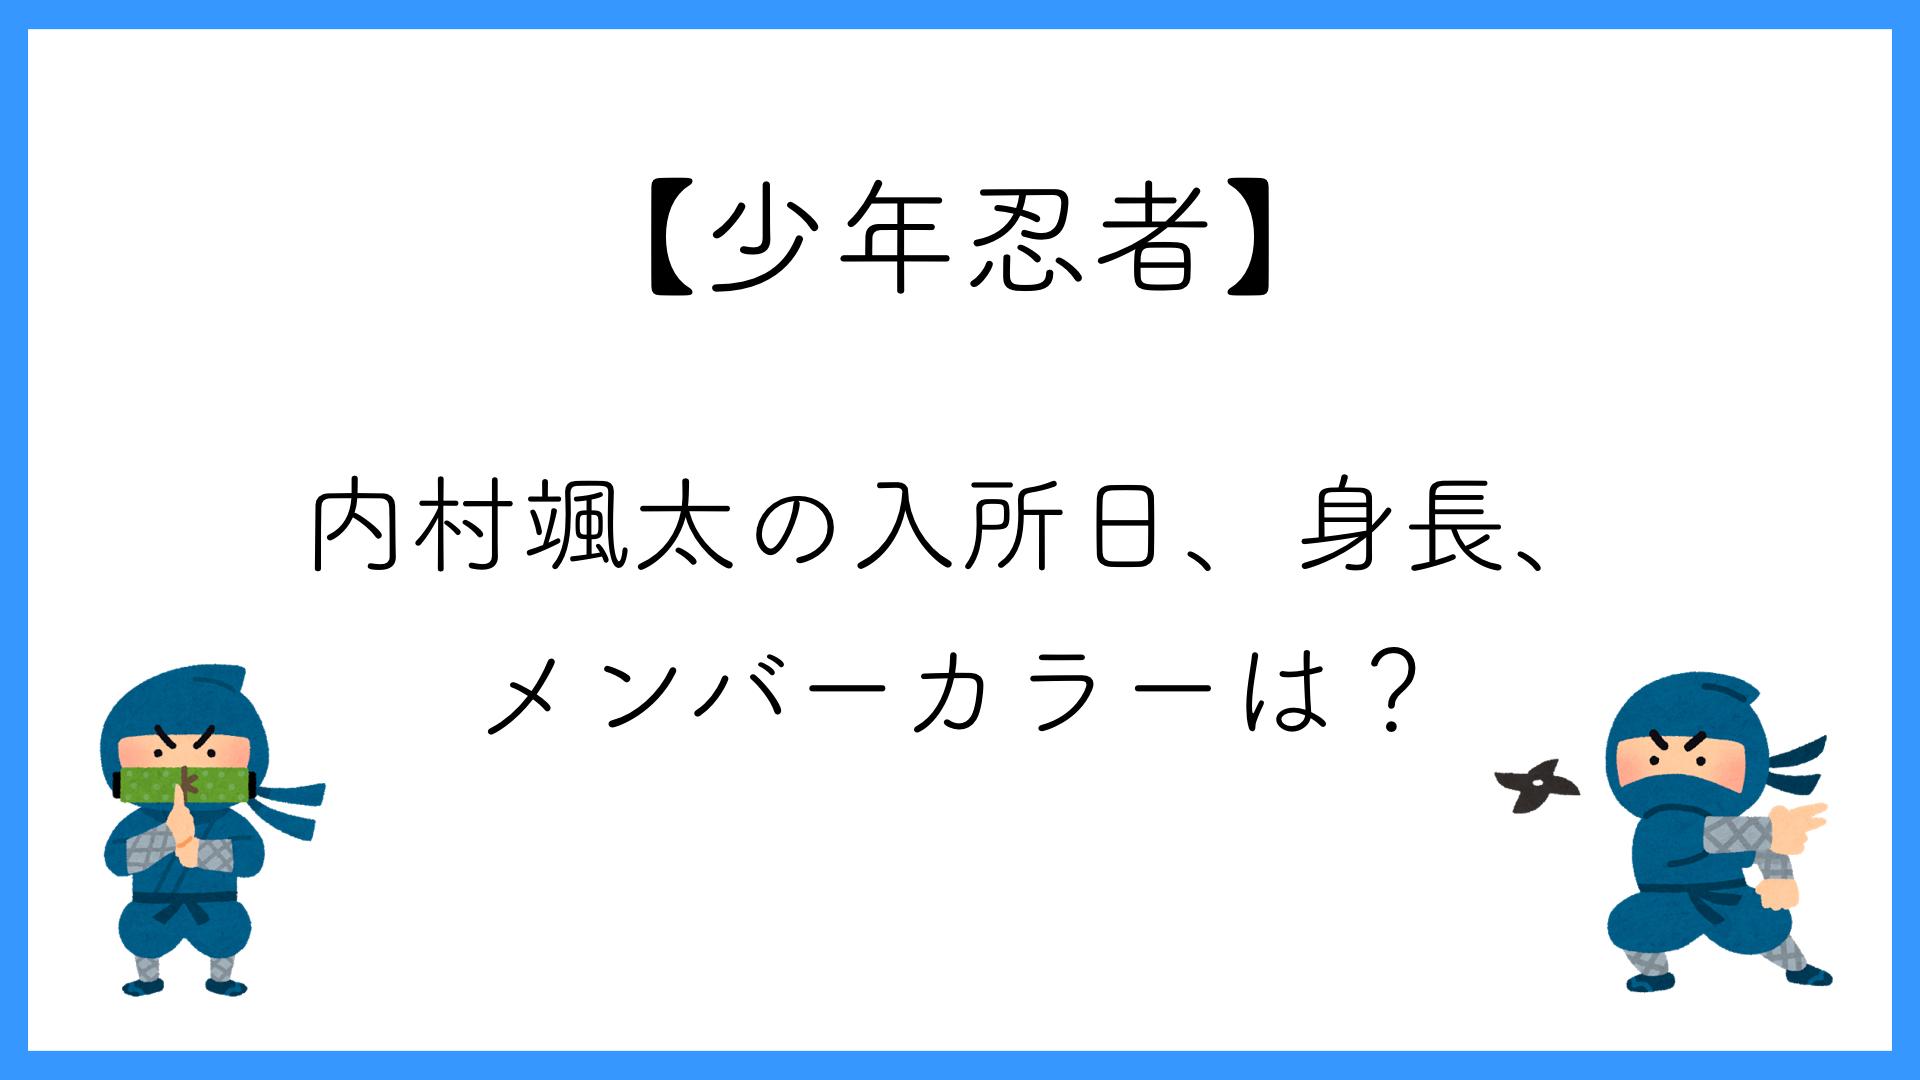 【少年忍者】内村颯太の入所日、身長、メンバーカラーは?